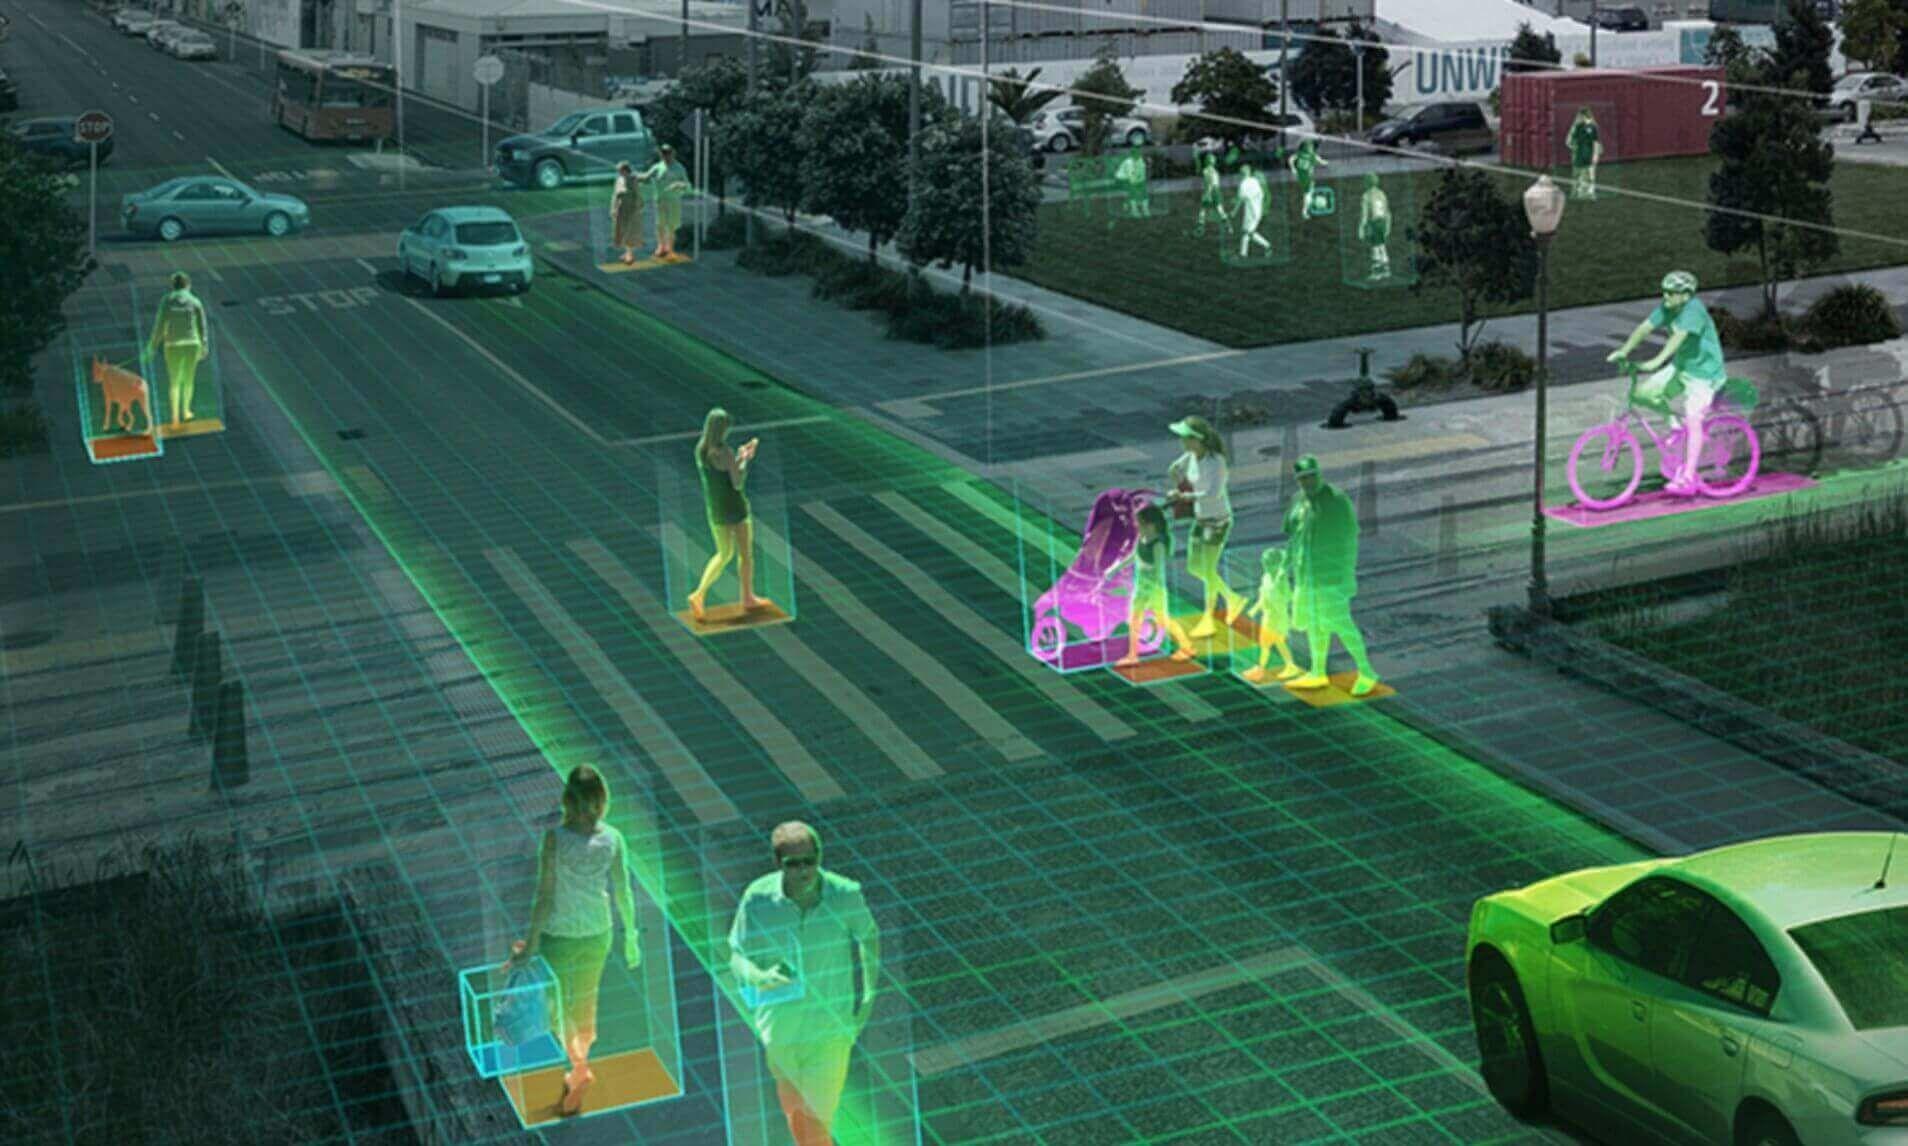 Ứng dụng trí tuệ nhân tạo trong giám sát video